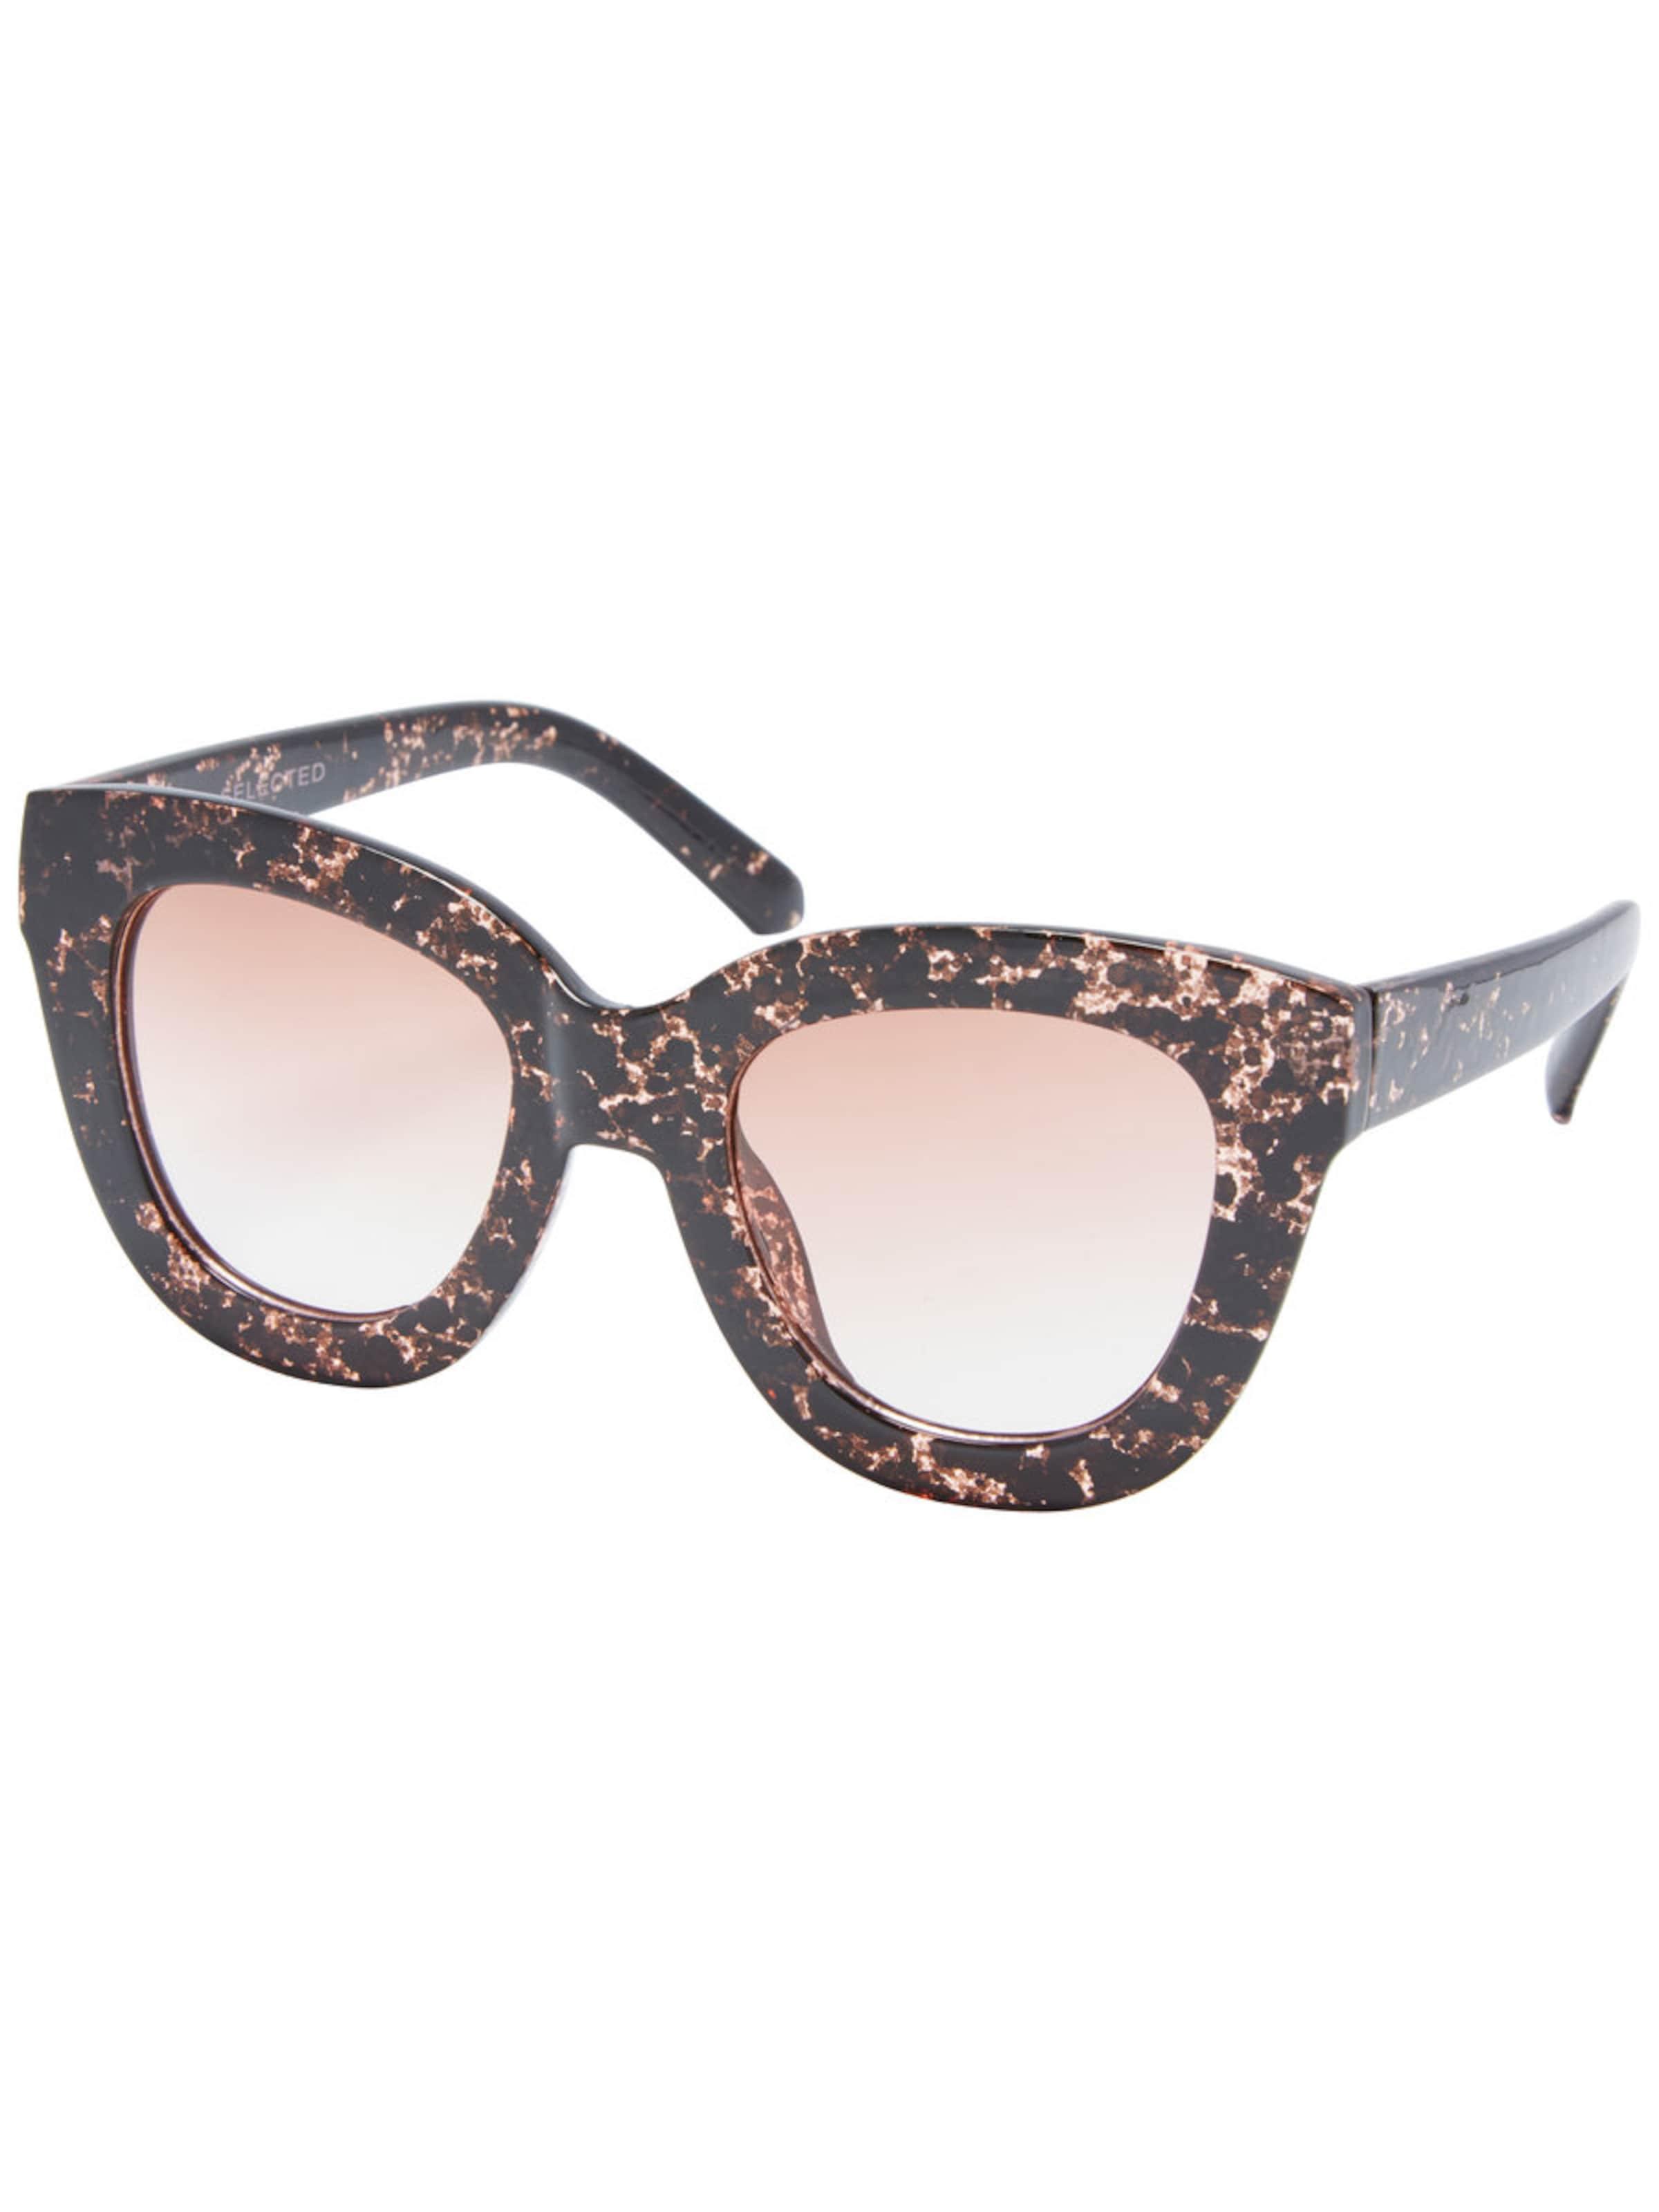 Billig Vermarktbare SELECTED FEMME Einheitsgrößen Sonnenbrille Billig Ausverkauf Natürlich Und Frei Günstiger Preis Großhandelspreis Gemütlich yGWRbM5d